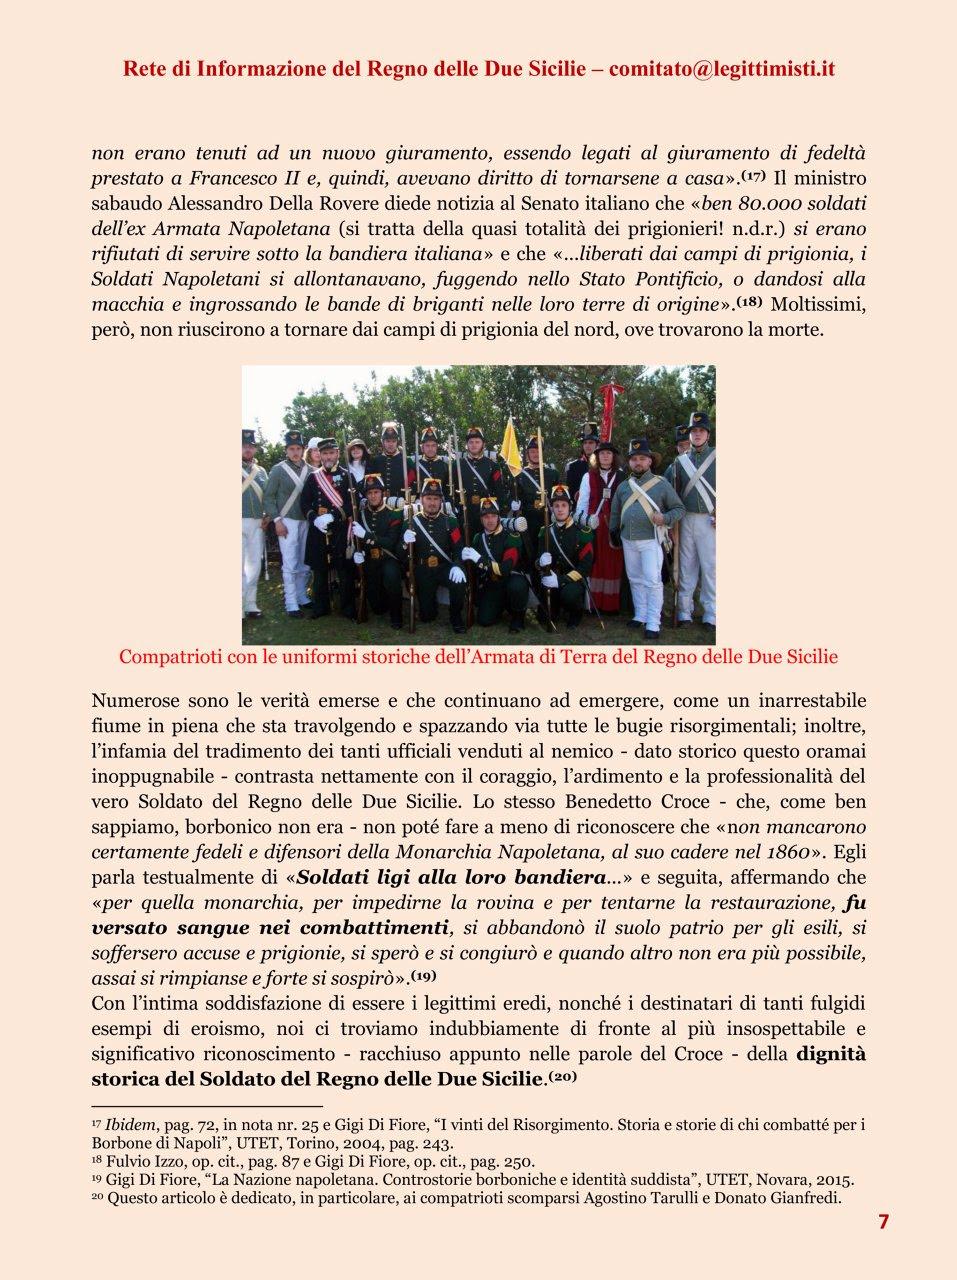 RIVALUTAZIONE STORICA DEL SOLDATO 7#001